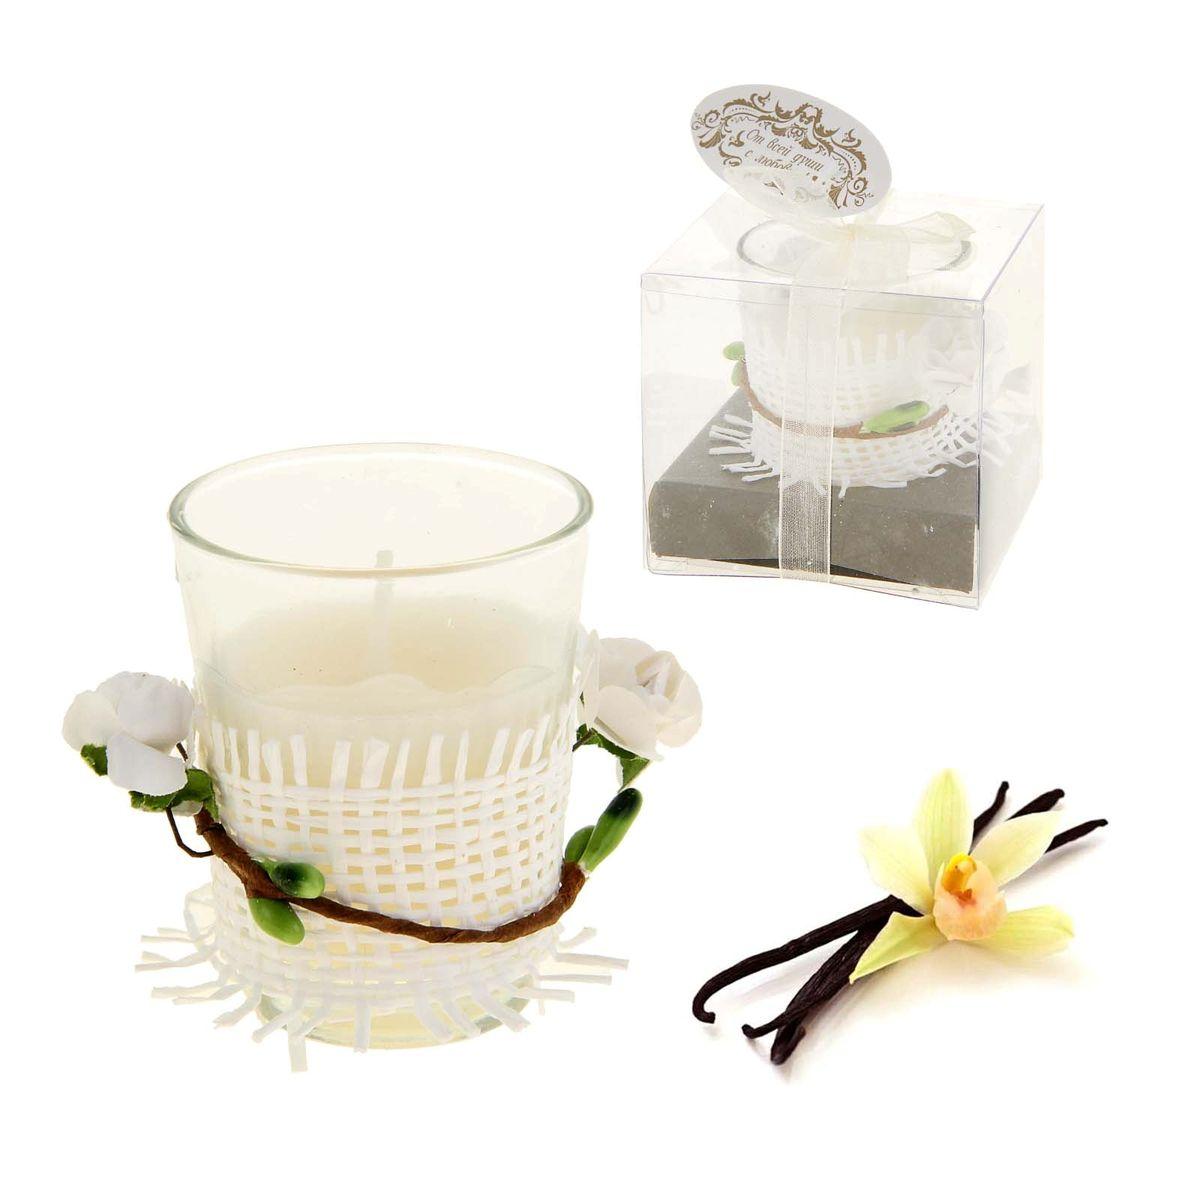 Свеча ароматизированная Sima-land Влечение. Ваниль, высота 6 см896687Ароматизированная свеча в стеклянном стакане Sima-land Влечение. Ваниль выполнена из высококачественного цветного воска. Стакан украшен декоративными бумажными цветами. Изделие отличается оригинальным дизайном и приятным ароматом ванили. Такая свеча может стать отличным подарком или дополнить интерьер вашей комнаты.